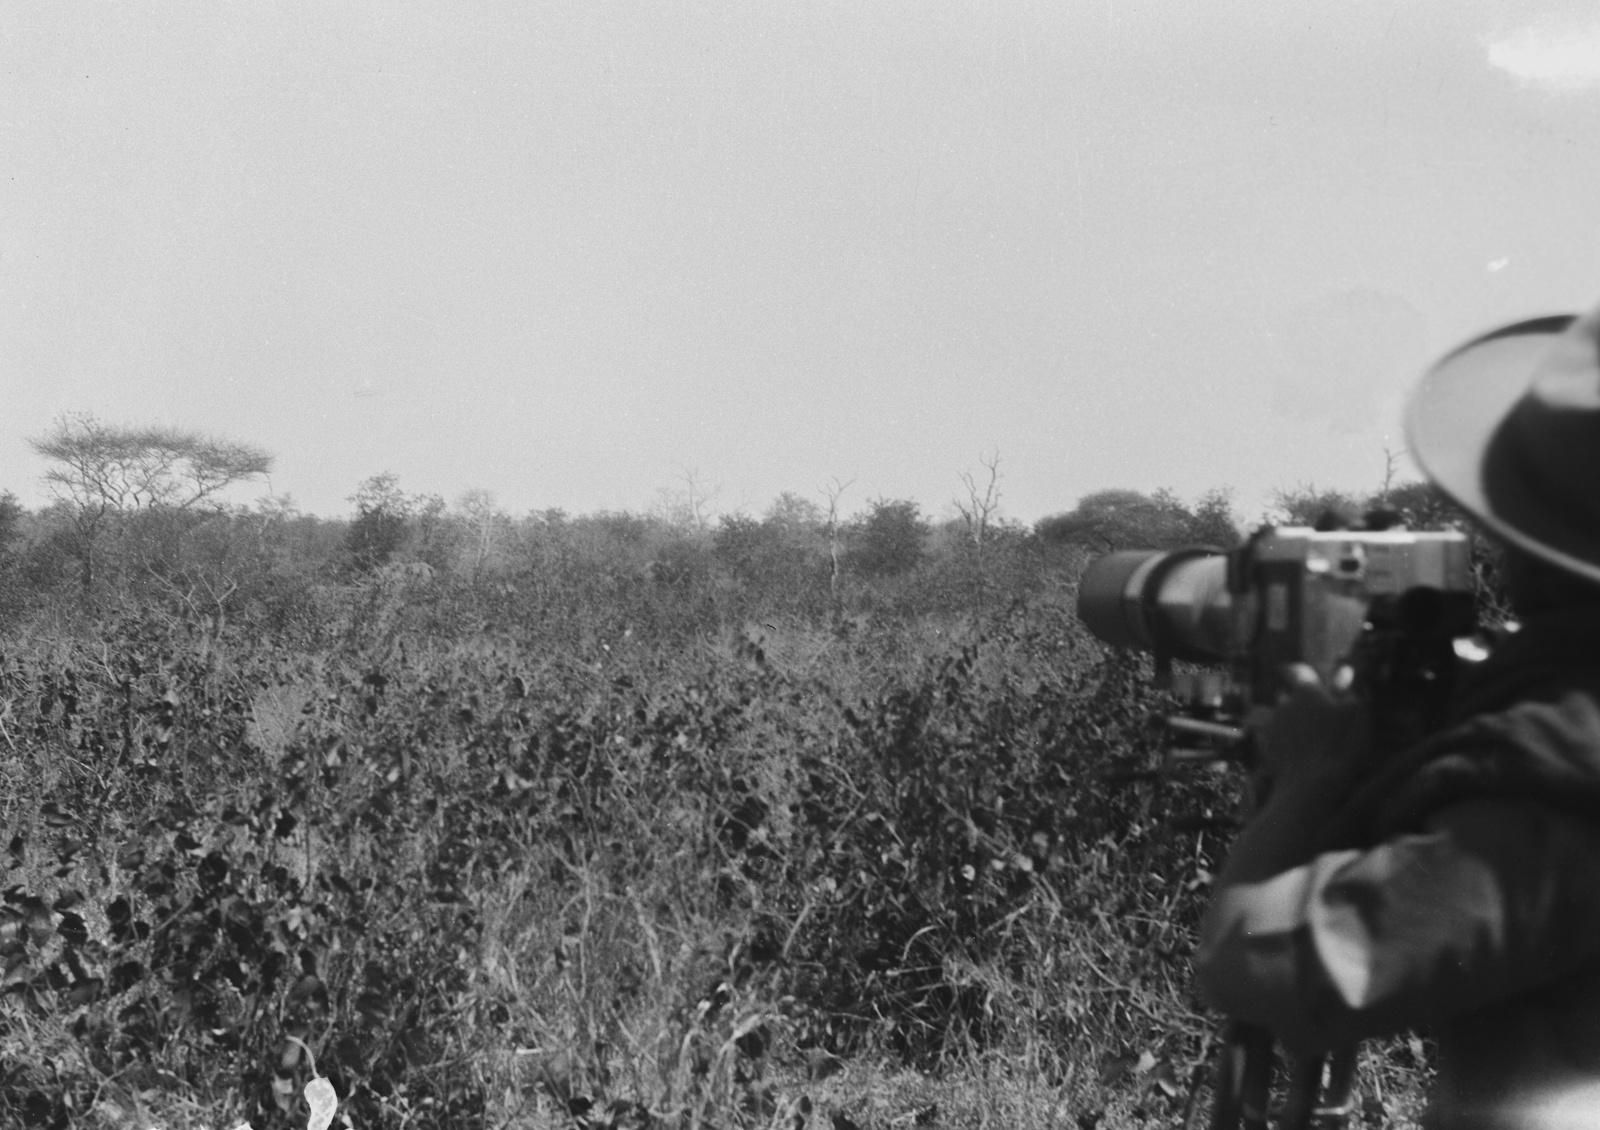 Национальный парк Крюгера. Вид саванны.  Пол Либеренц на снимке во время съемки